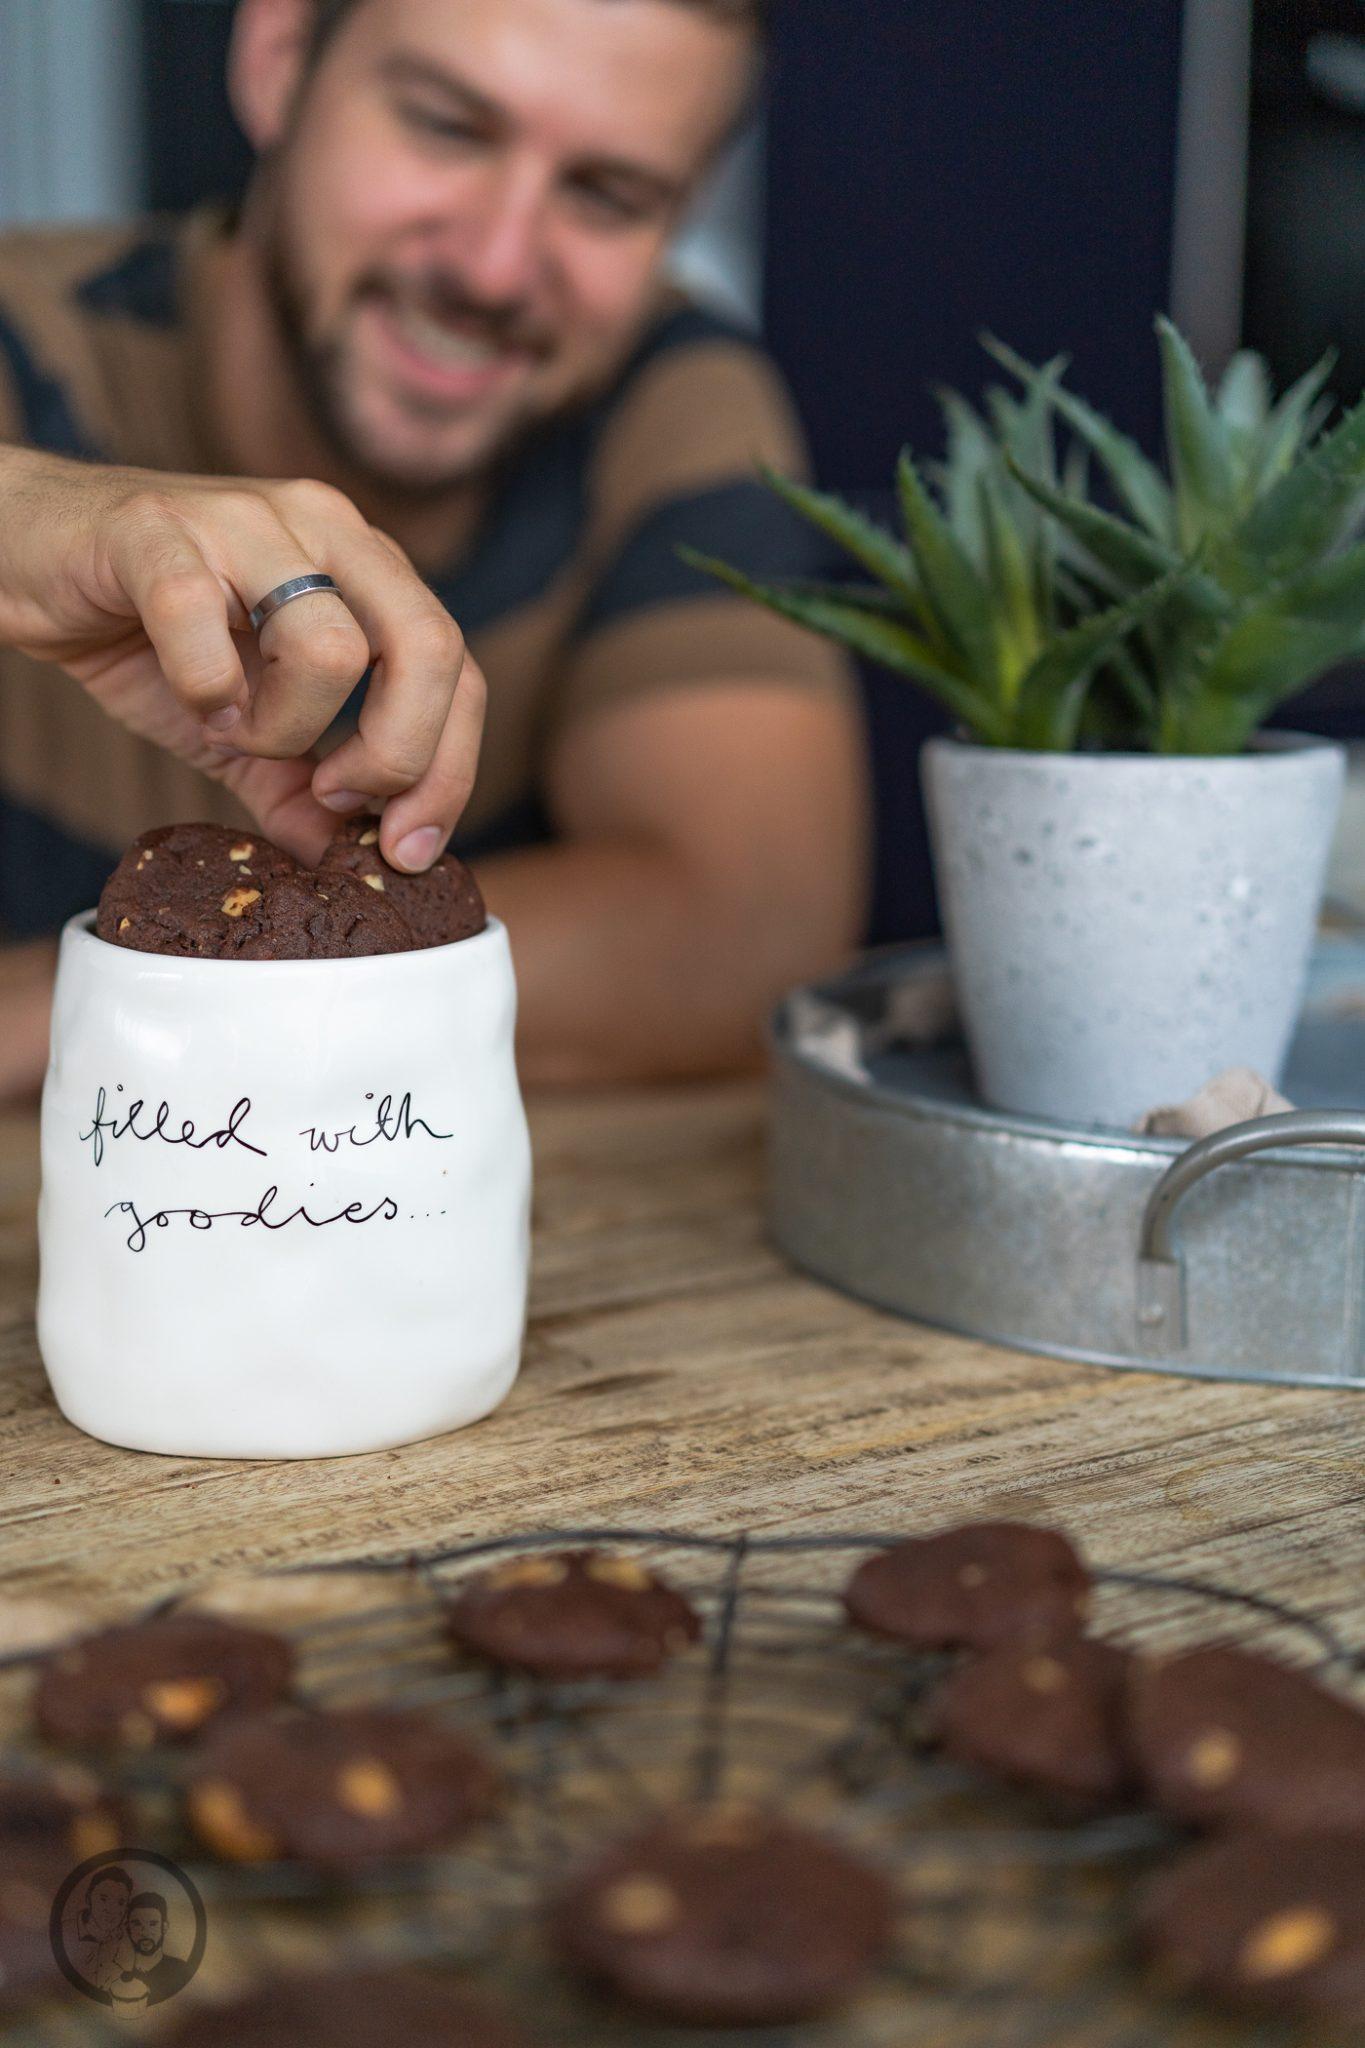 Schoko Erdnuss Cookies 5 | Man könnte mich auch gut und gerne Krümelmonster nennen! Ich liebe Cookies über alles. Gebäck, das sich so einfach und wunderbar variieren lässt, ist so oder so schon ein echter Gewinn. Bei uns müssen Cookies auf jeden Fall so richtig schön weich und saftig sein - wie ihr das ohne Probleme auch hinbekommt erfahrt ihr jetzt.